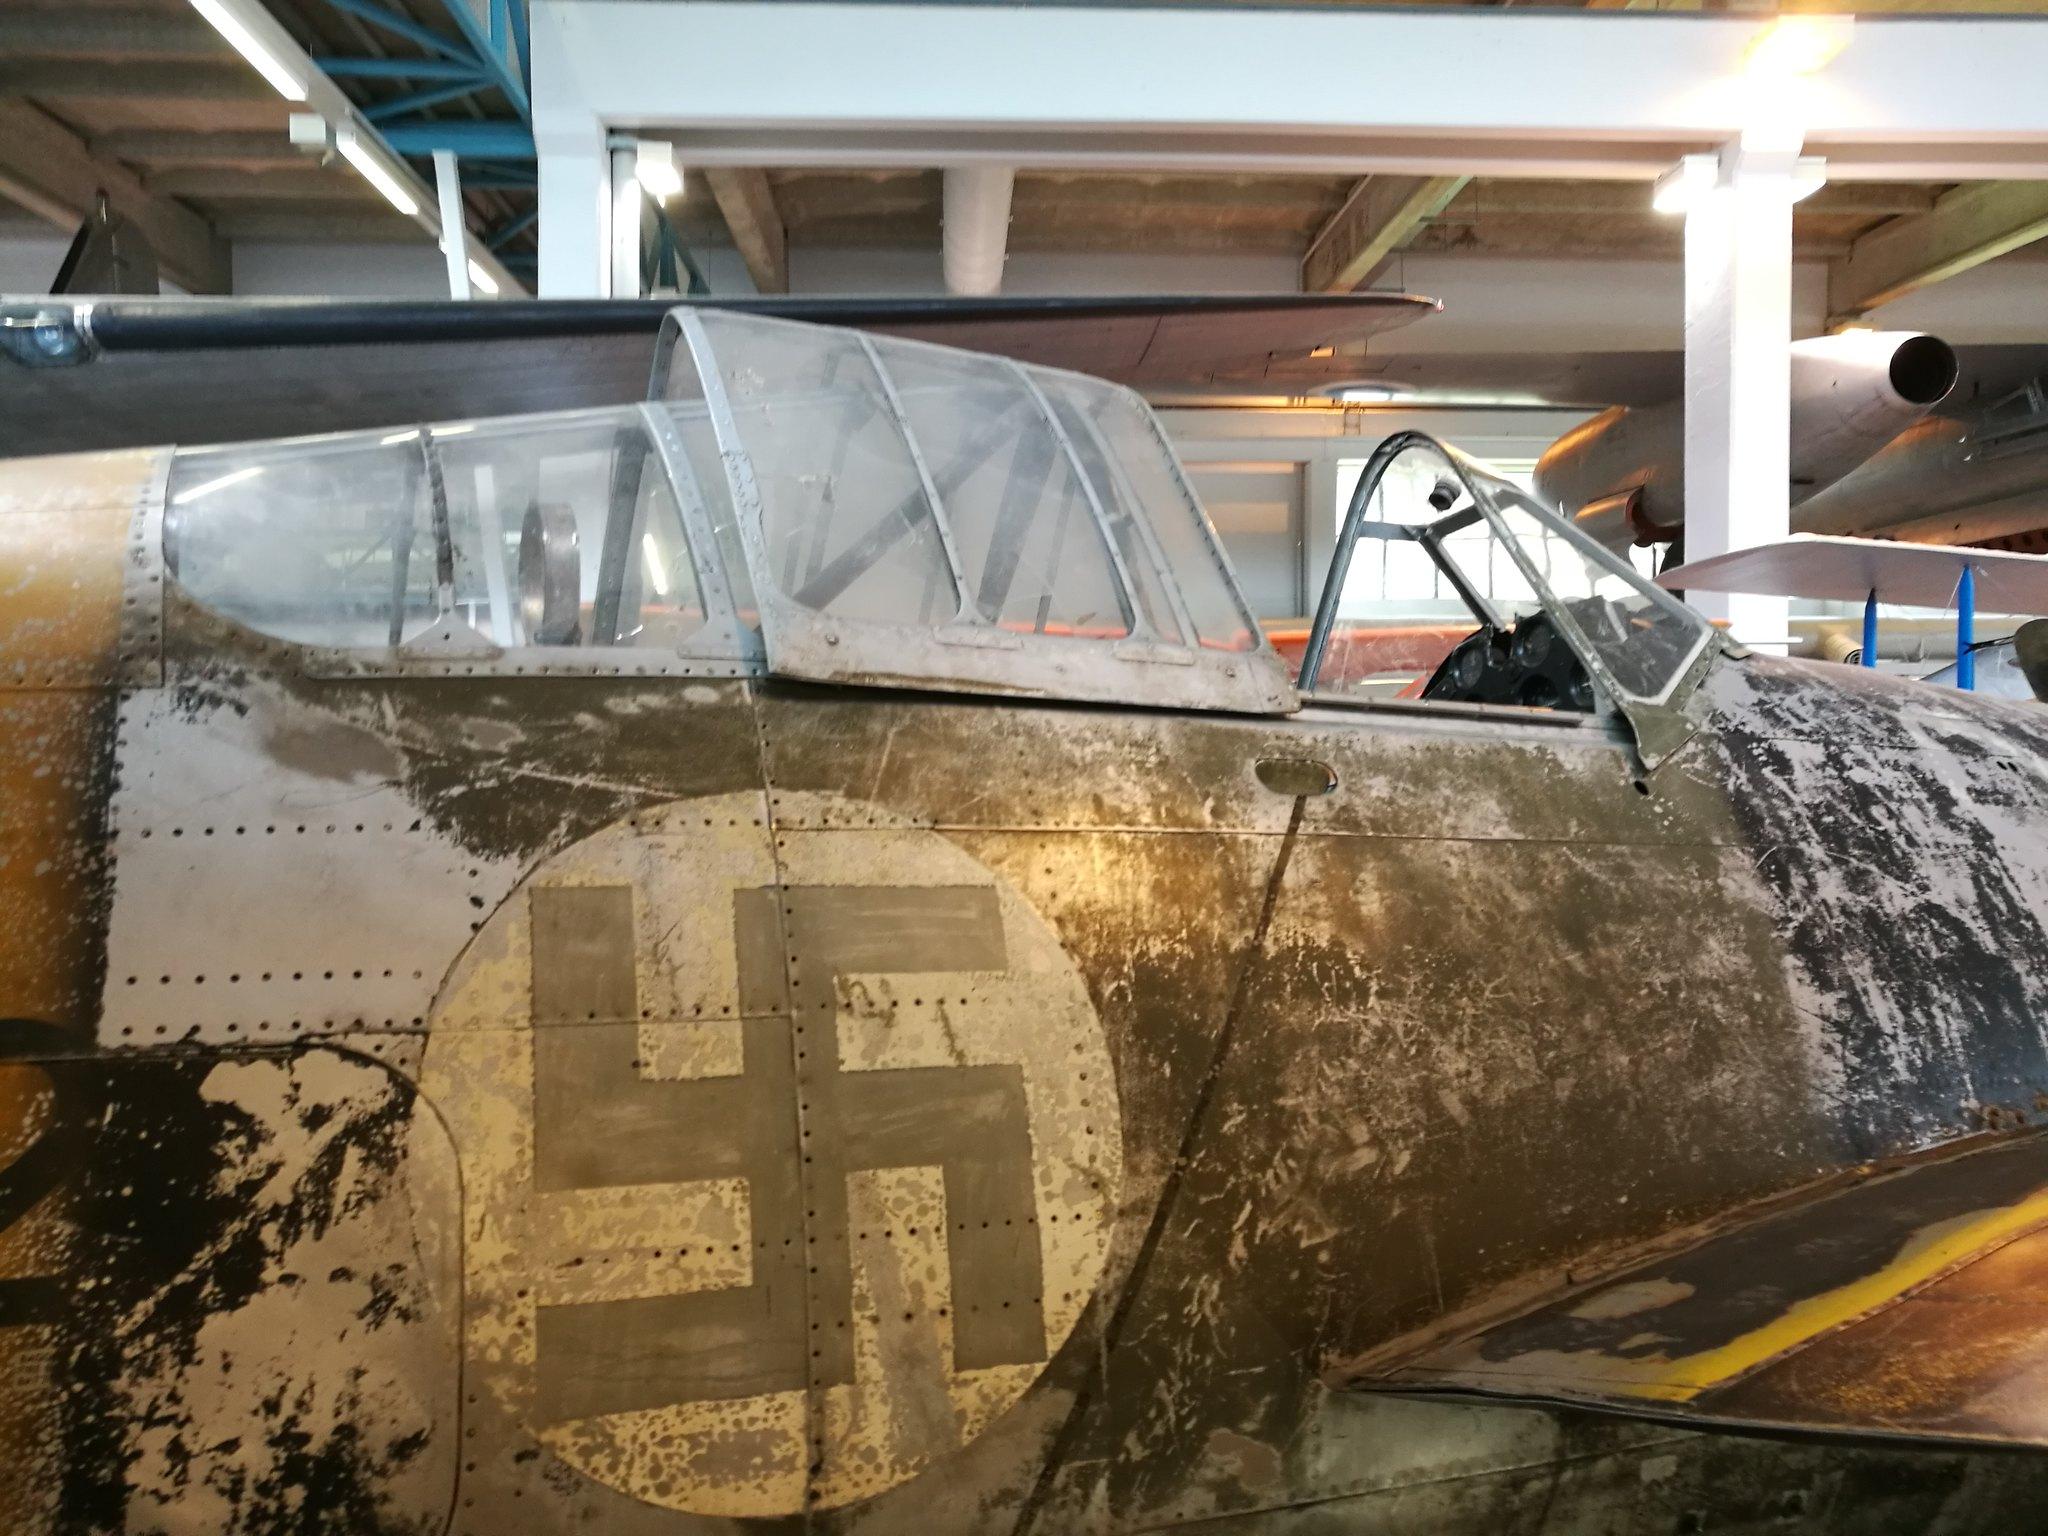 Hemkommen från semester i Finland med utflykt till Finlands Flygvapenmuseum. 48292966751_0fe973dba5_k